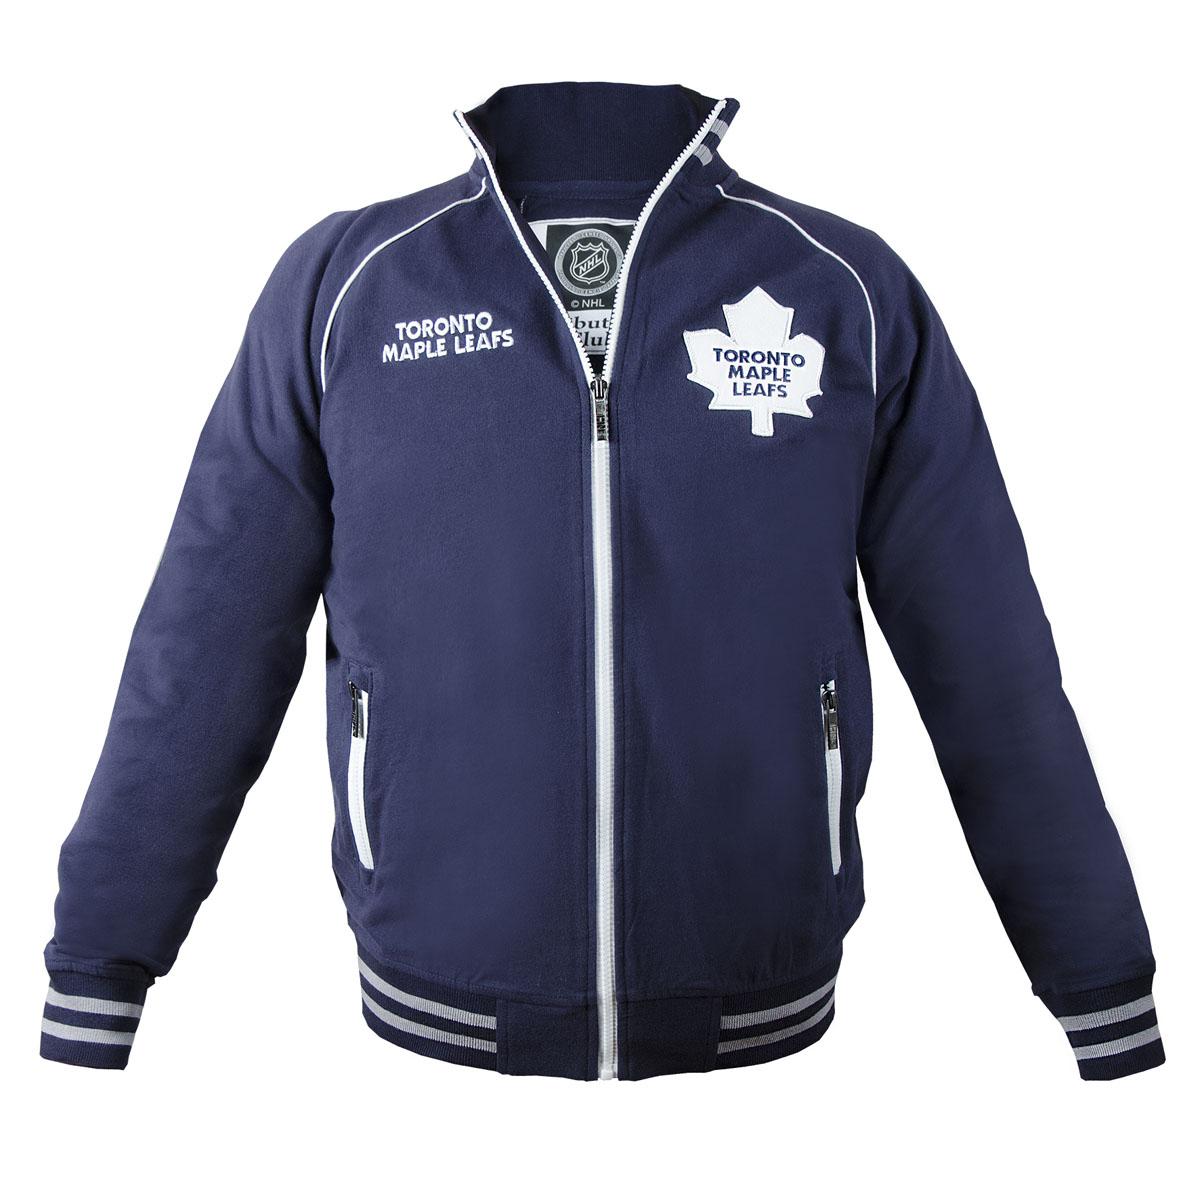 Толстовка с логотипом ХК35580Мужская толстовка NHL Toronto Maple Leafs, изготовленная из натурального хлопка, очень мягкая и приятная на ощупь, не сковывает движения, обеспечивая наибольший комфорт. Толстовка с небольшим воротником-стойкой и длинными рукавами-реглан застегивается на молнию по всей длине. Снизу модели предусмотрена широкая мягкая резинка, которая предотвращает проникновение холодного воздуха. Рукава дополнены эластичными манжетами. Спереди расположены два прорезных кармана на застежках-молниях. Изделие декорировано вышивкой с названием хоккейного клуба Toronto Maple Leafs и аппликацией с его эмблемой. Резинка, воротник и манжеты оформлены контрастными полосками. Стильная толстовка подарит вам комфорт и станет отличным дополнением к вашему гардеробу.